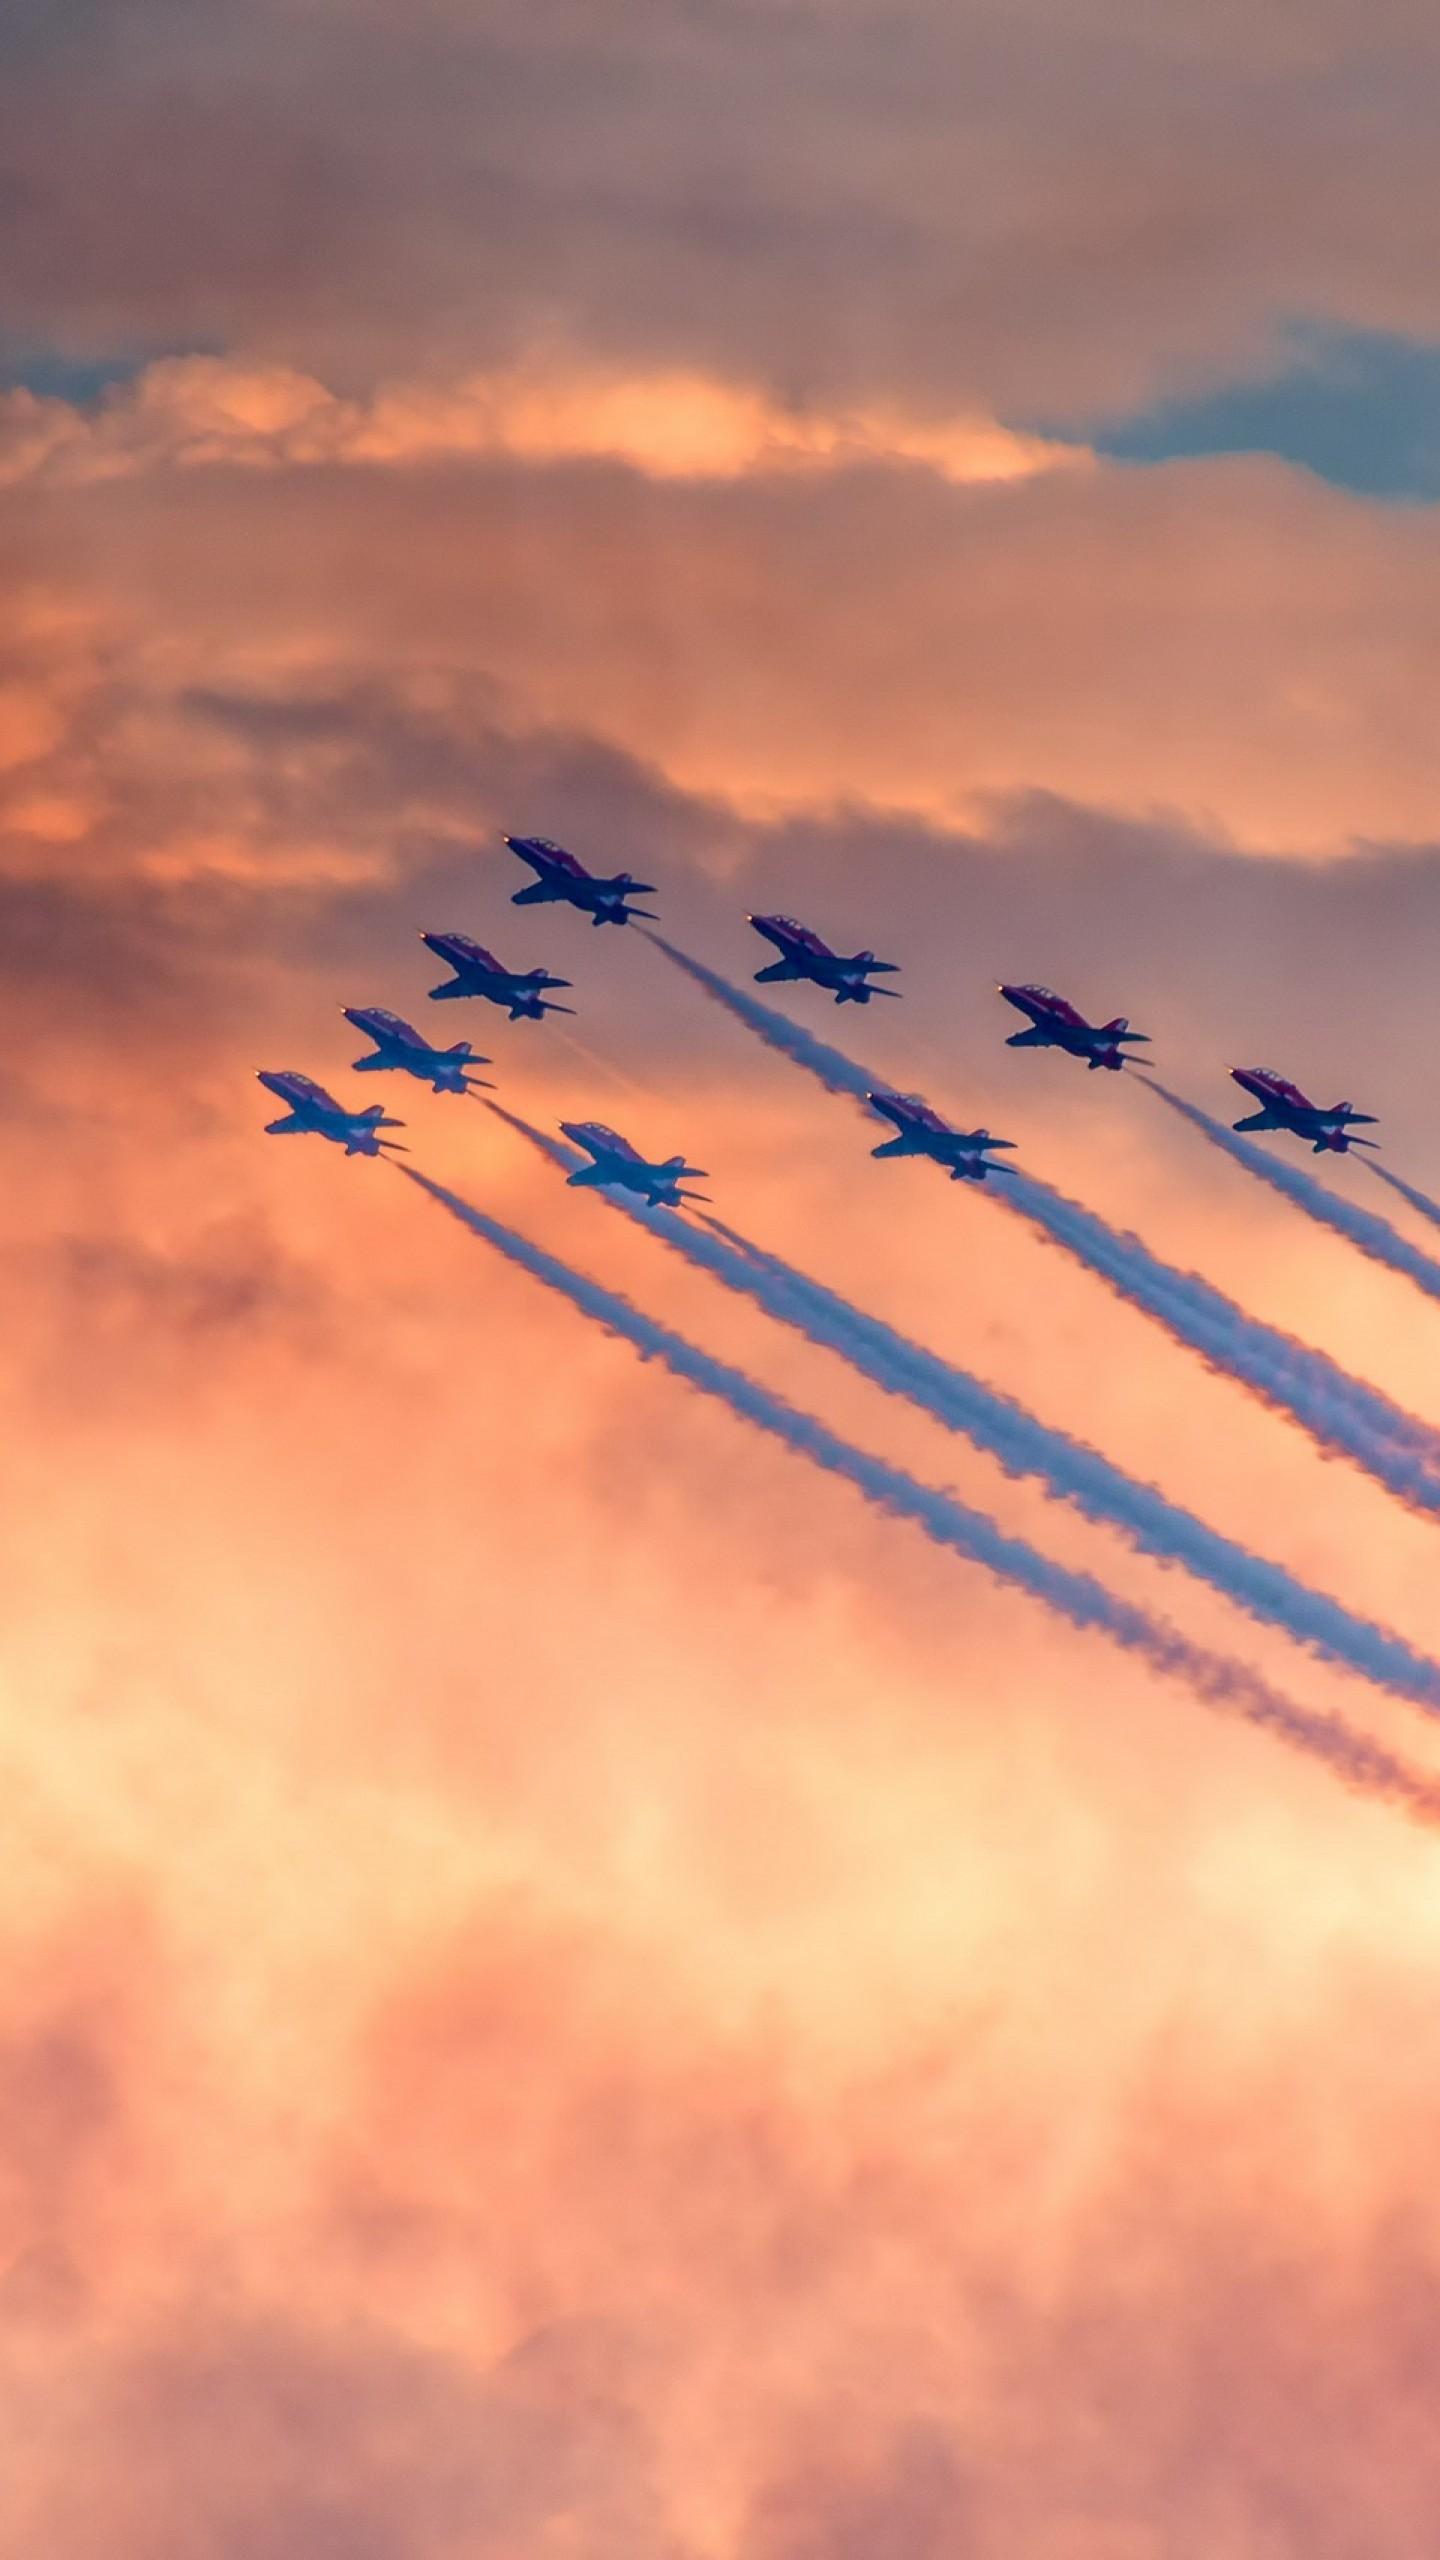 عکس زمینه نمایش هوایی هواپیماهای نظامی پس زمینه